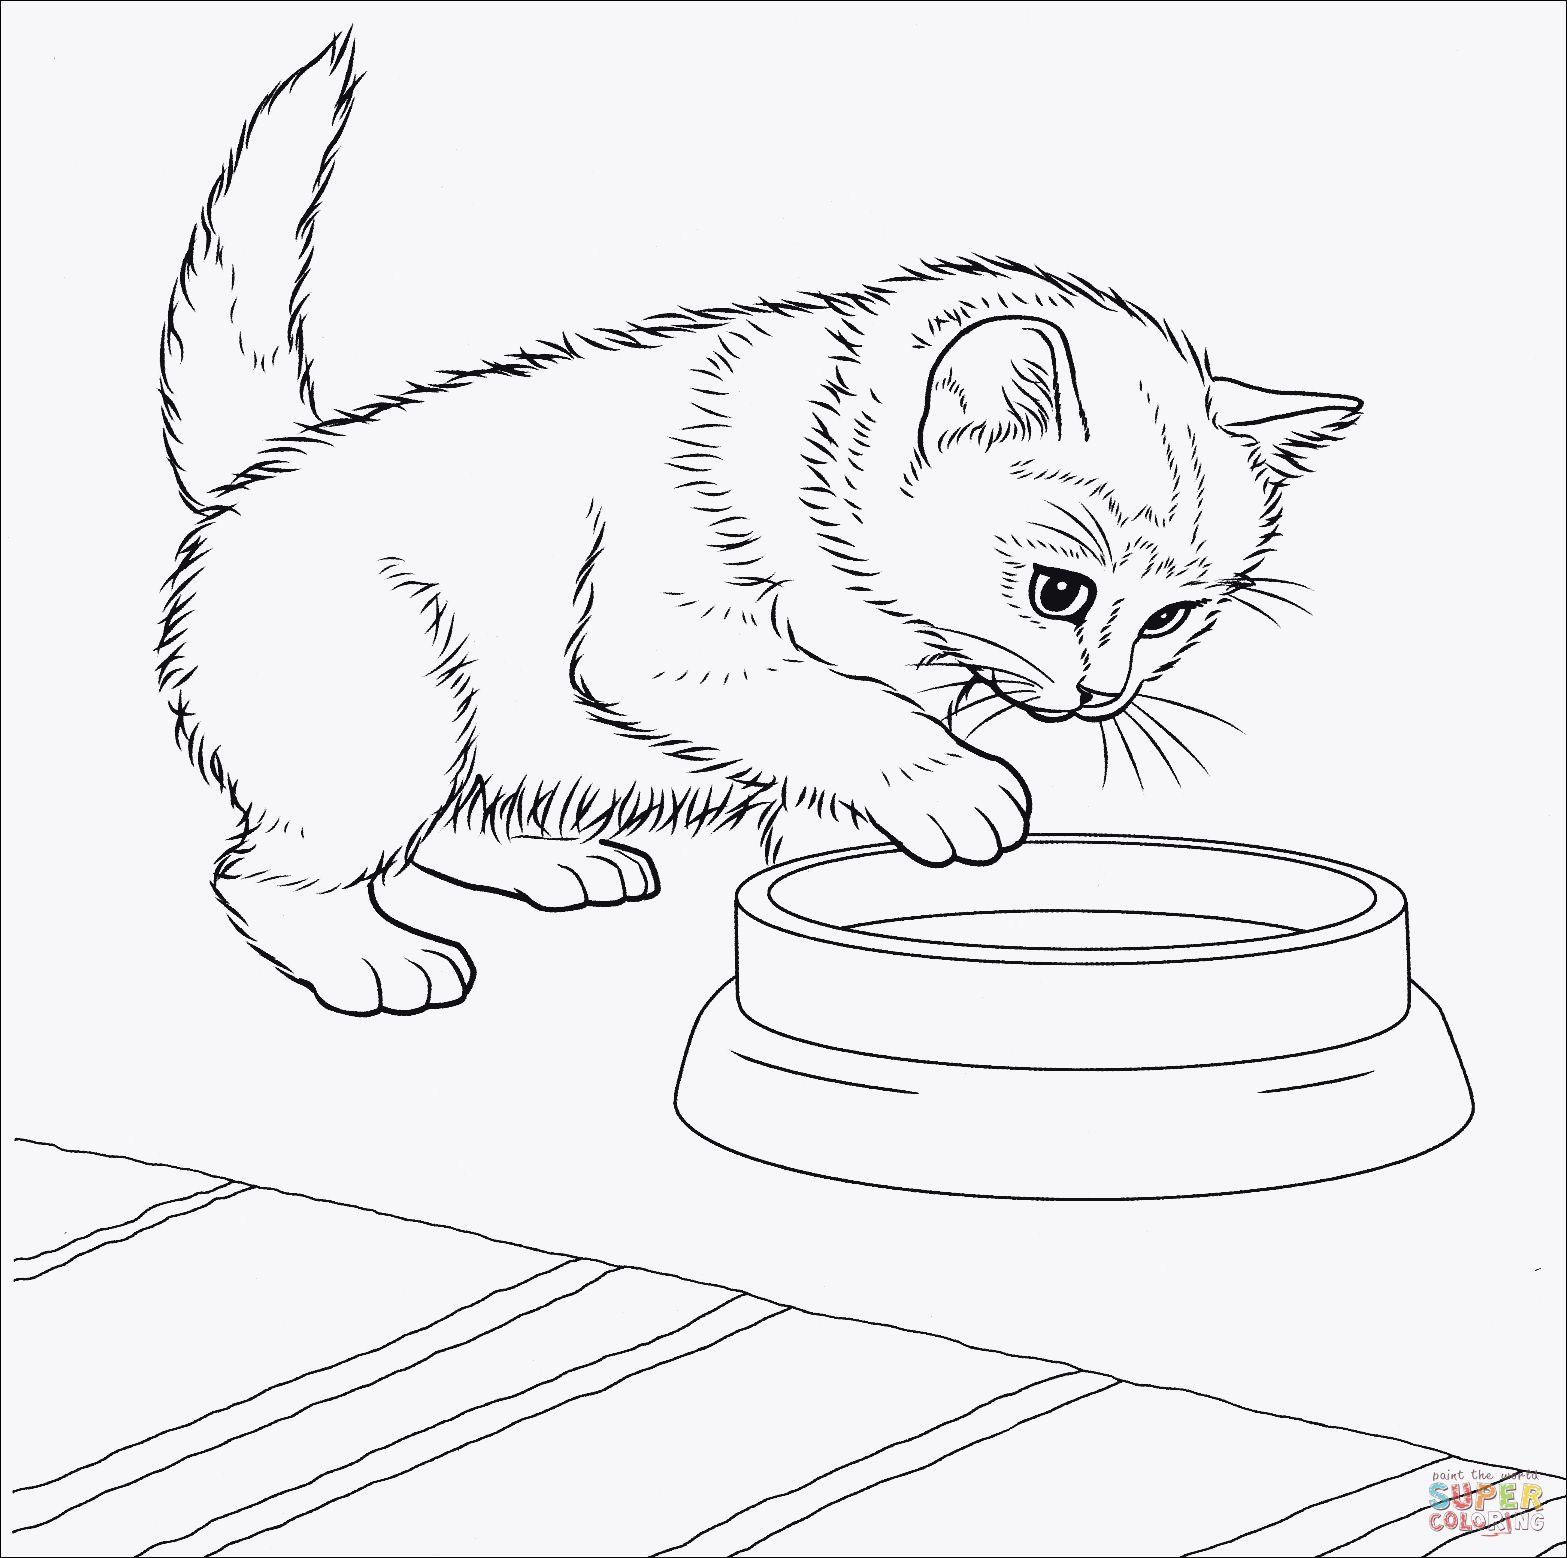 Baby Katzen Ausmalbilder Genial Ausmalbilder Kostenlos Katzen Luxus Katzen Malvorlagen Bilder